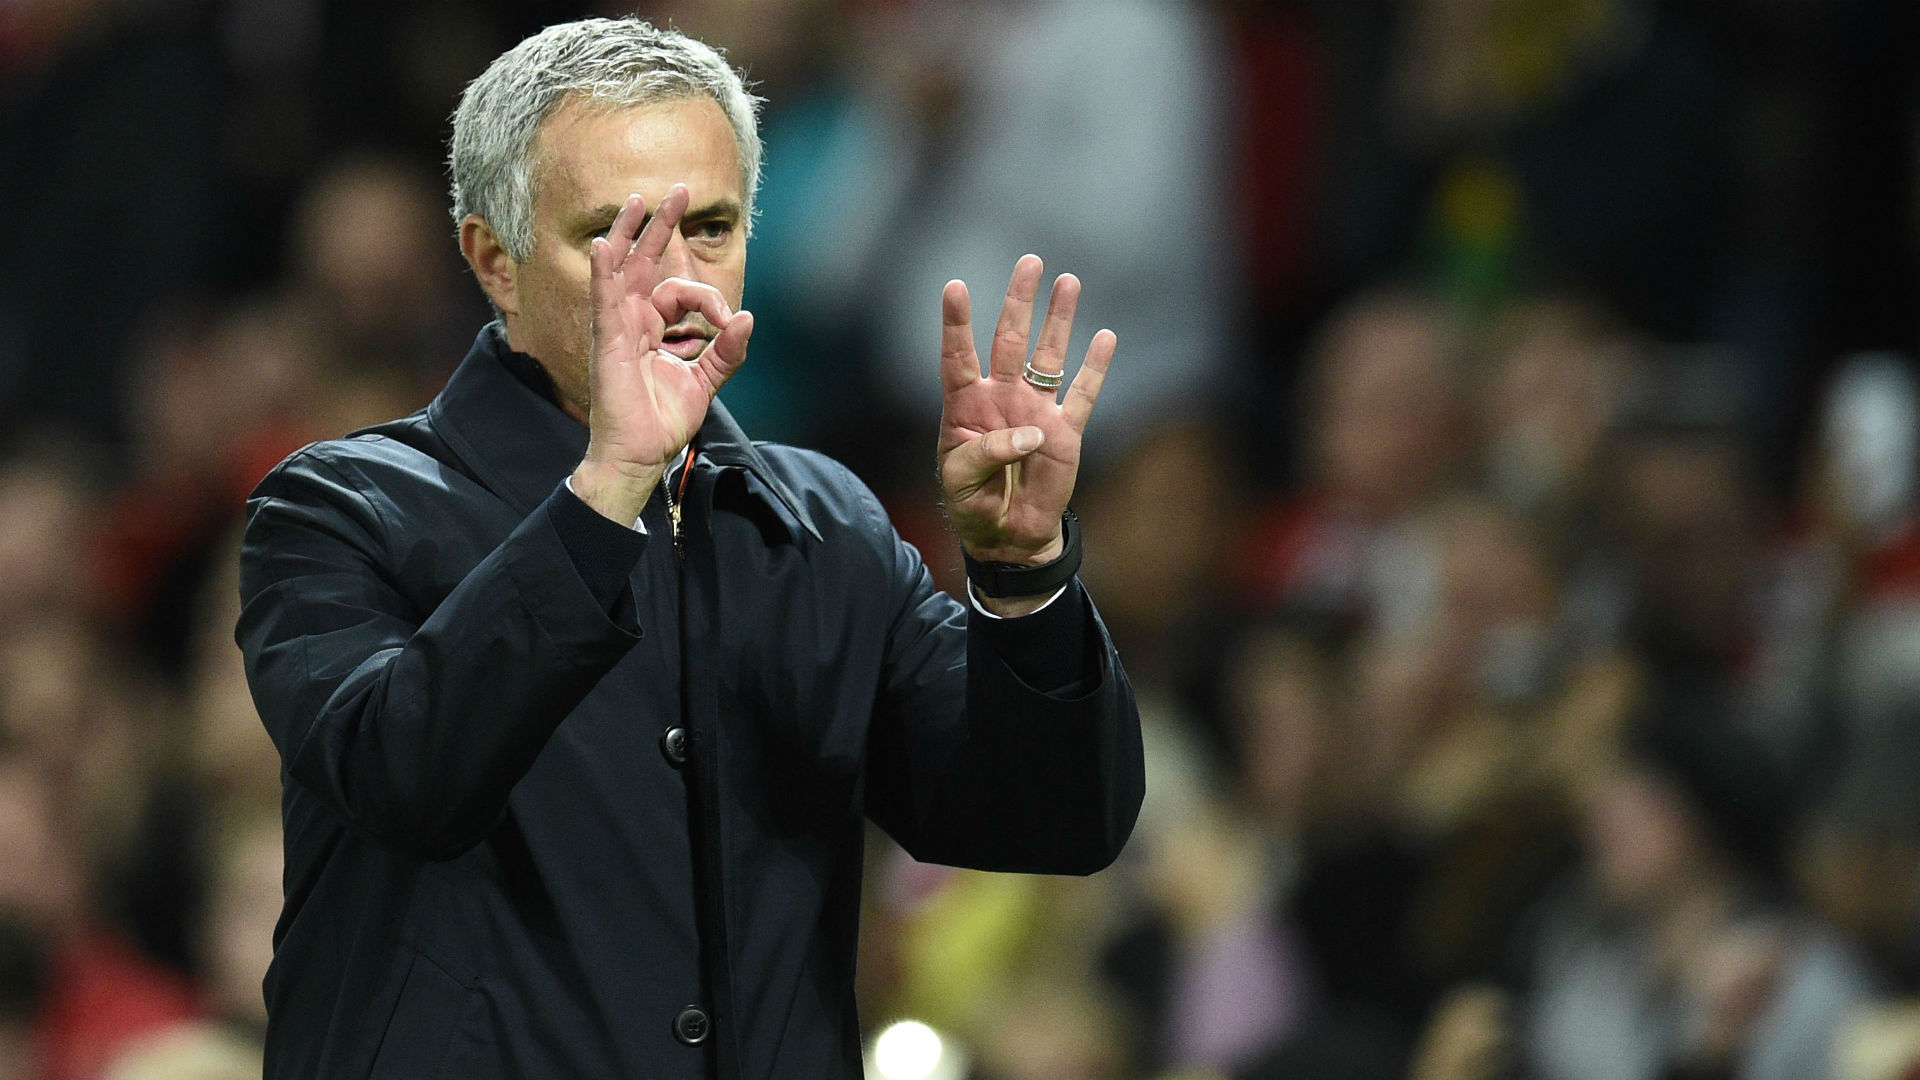 NÓNG: Mourinho chốt 4 mục tiêu cho M.U ở phiên chợ Đông - Bóng Đá